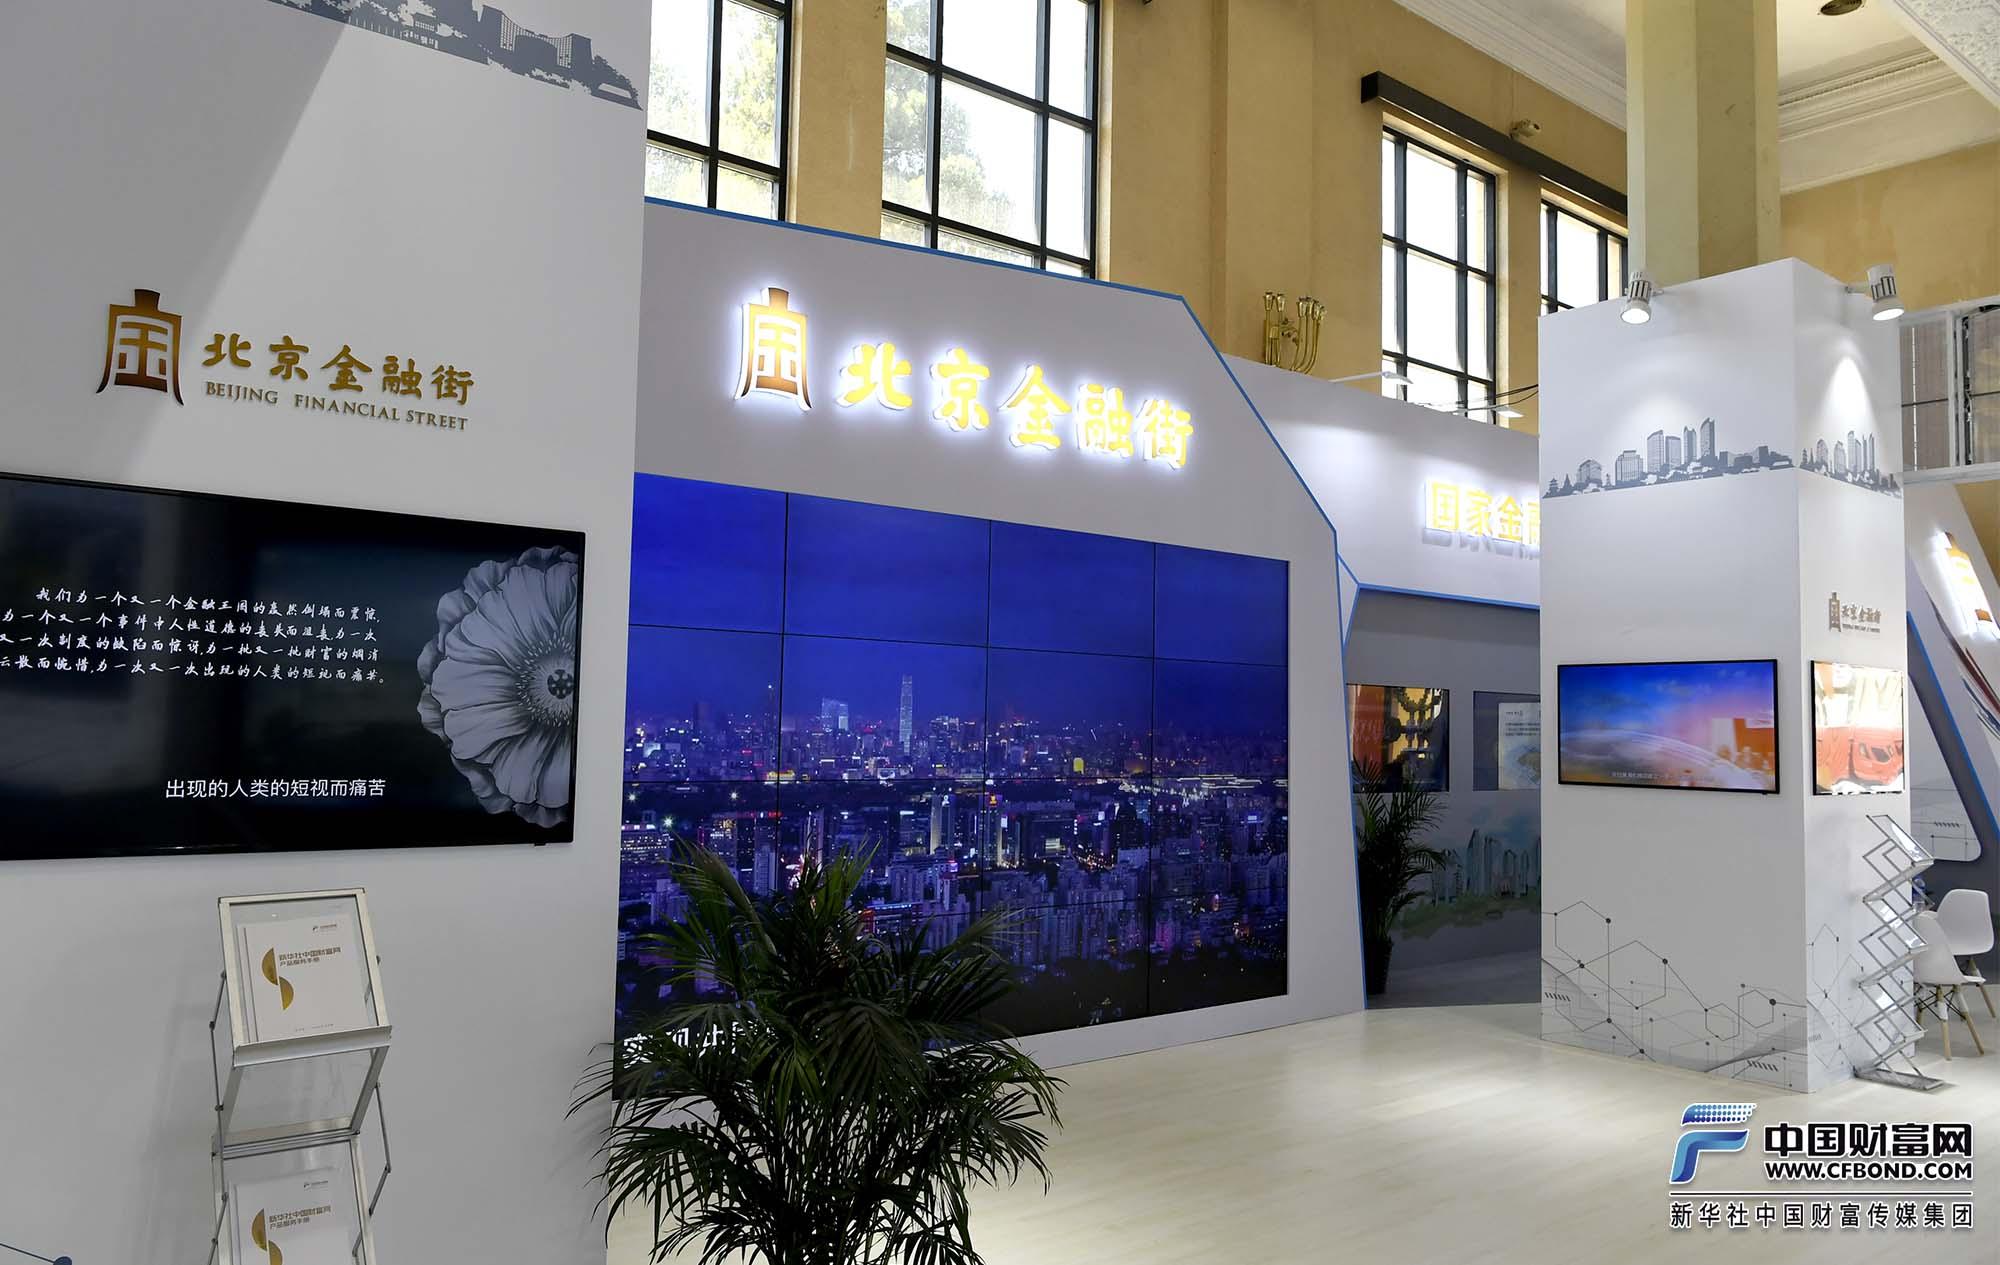 北京金融街展台